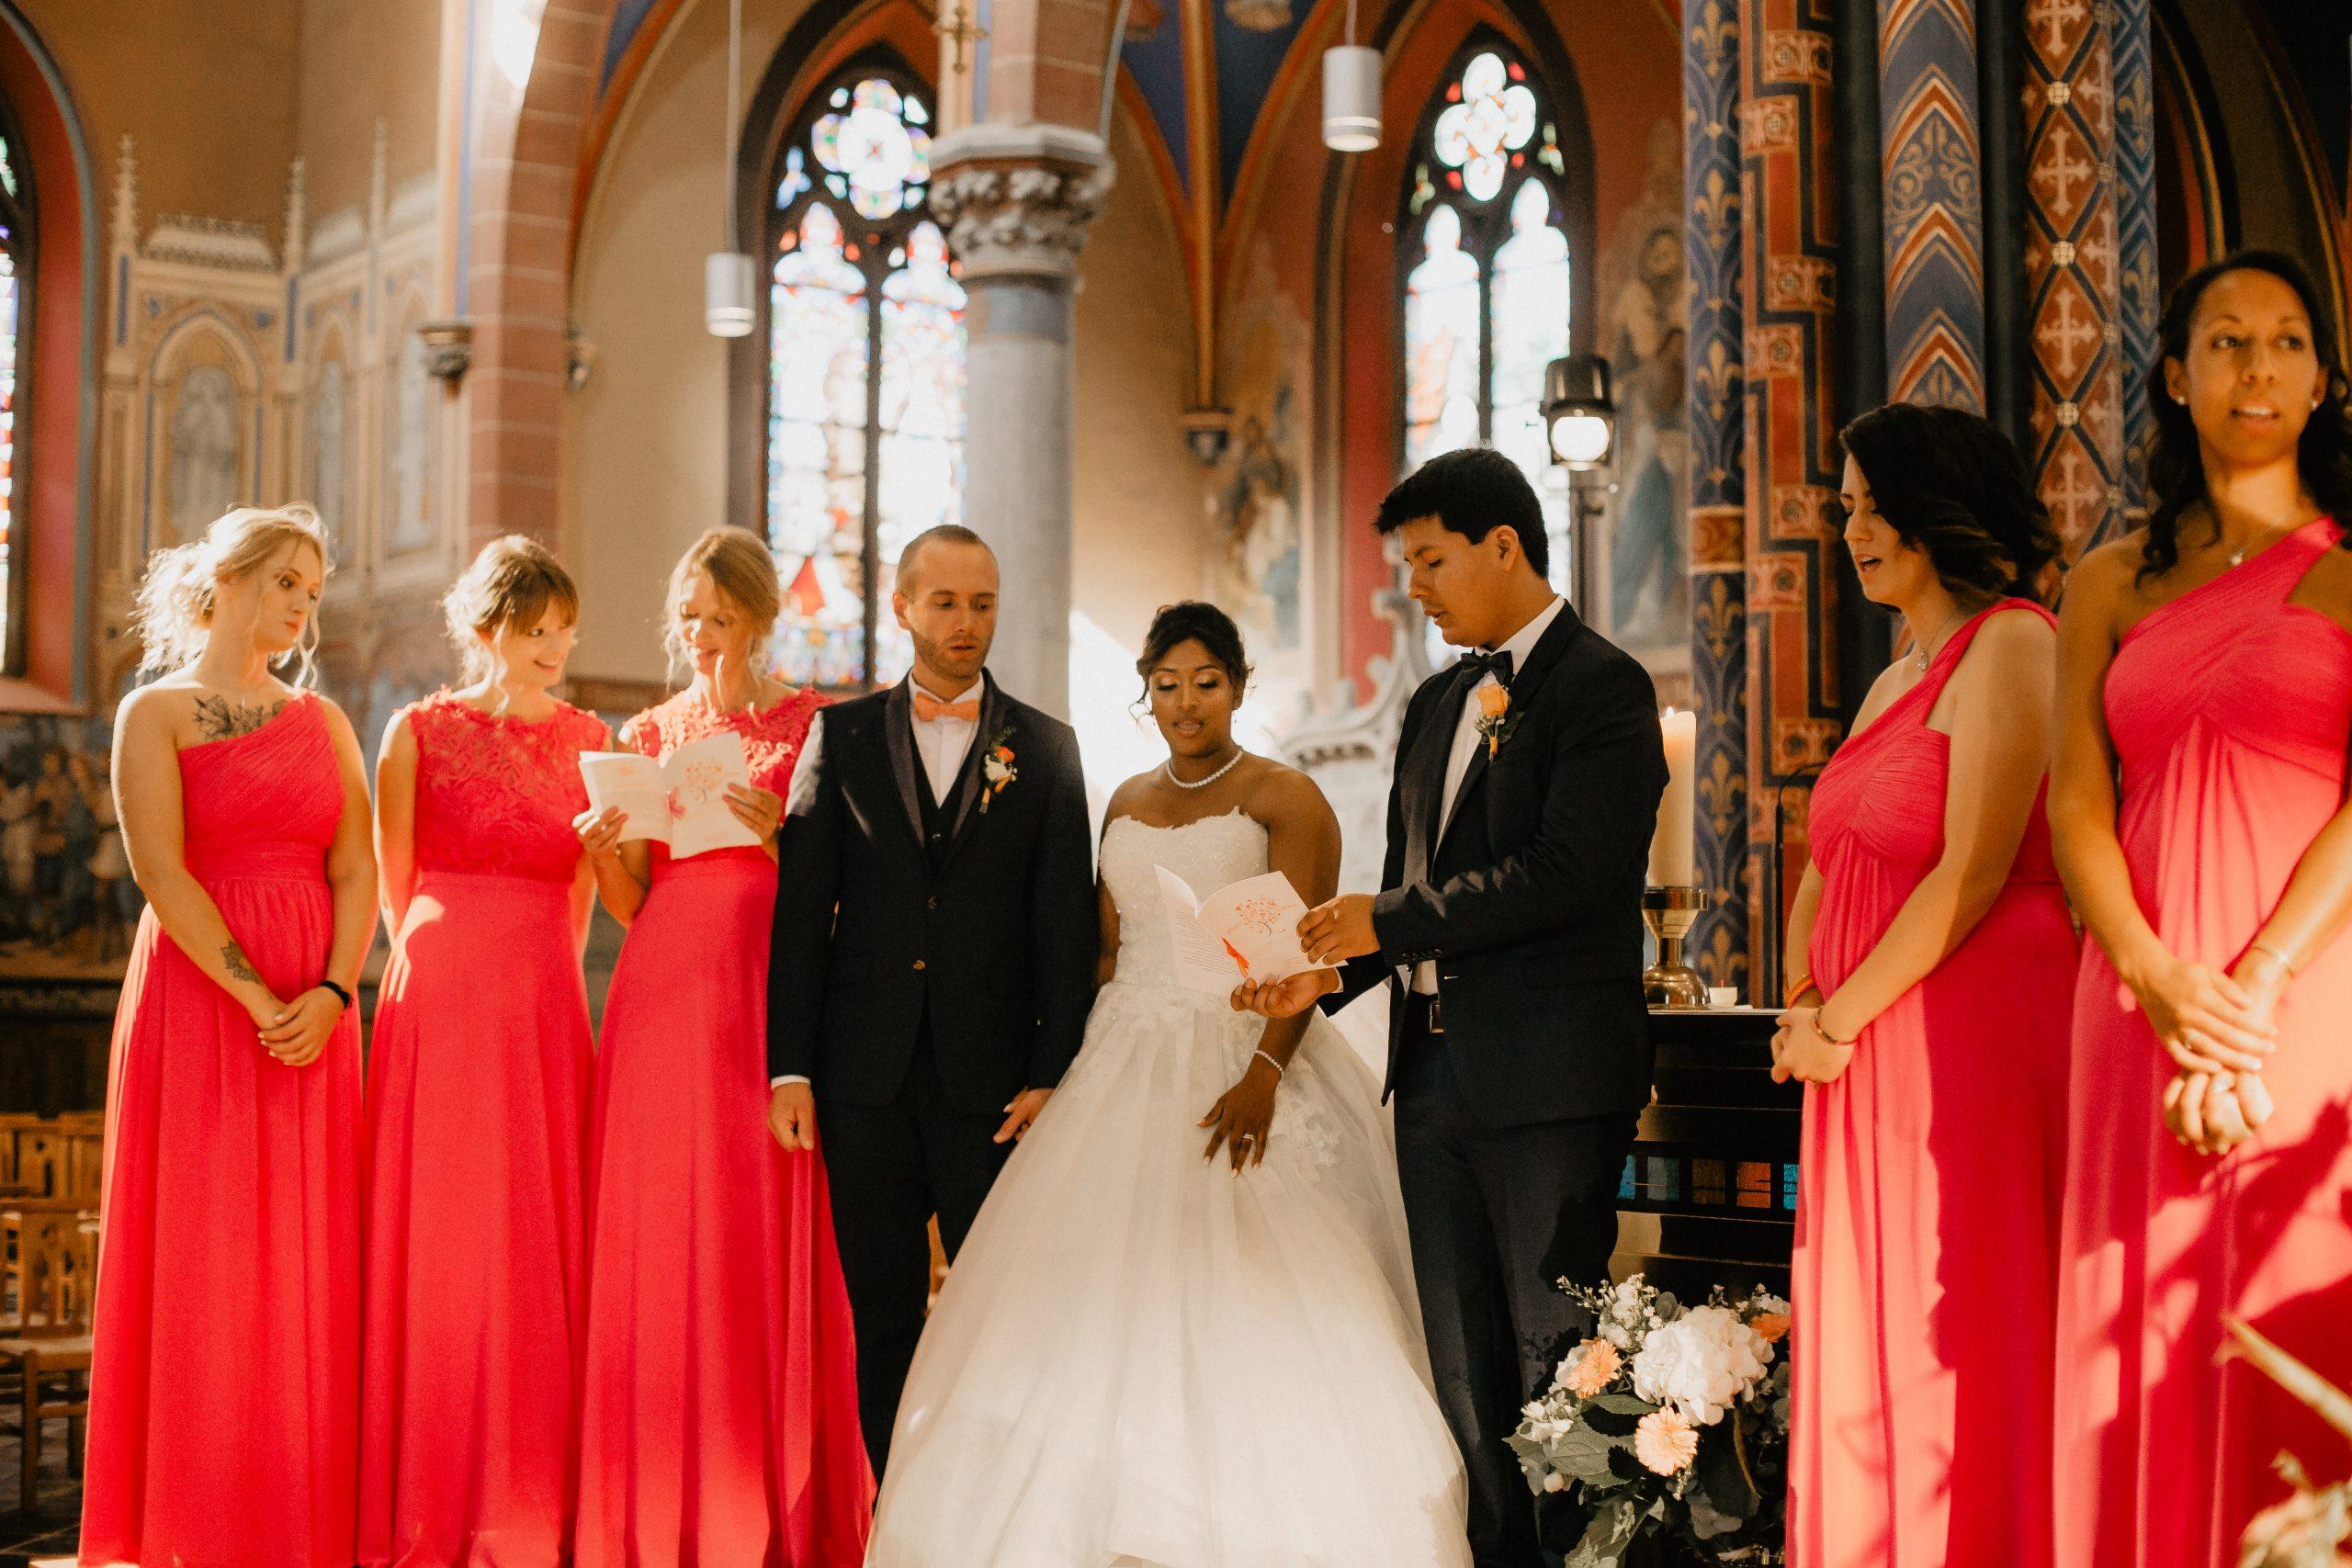 Mariage-Virginie M. Photos-couple-photos-union-amour-Croix-photographe Lille (99)